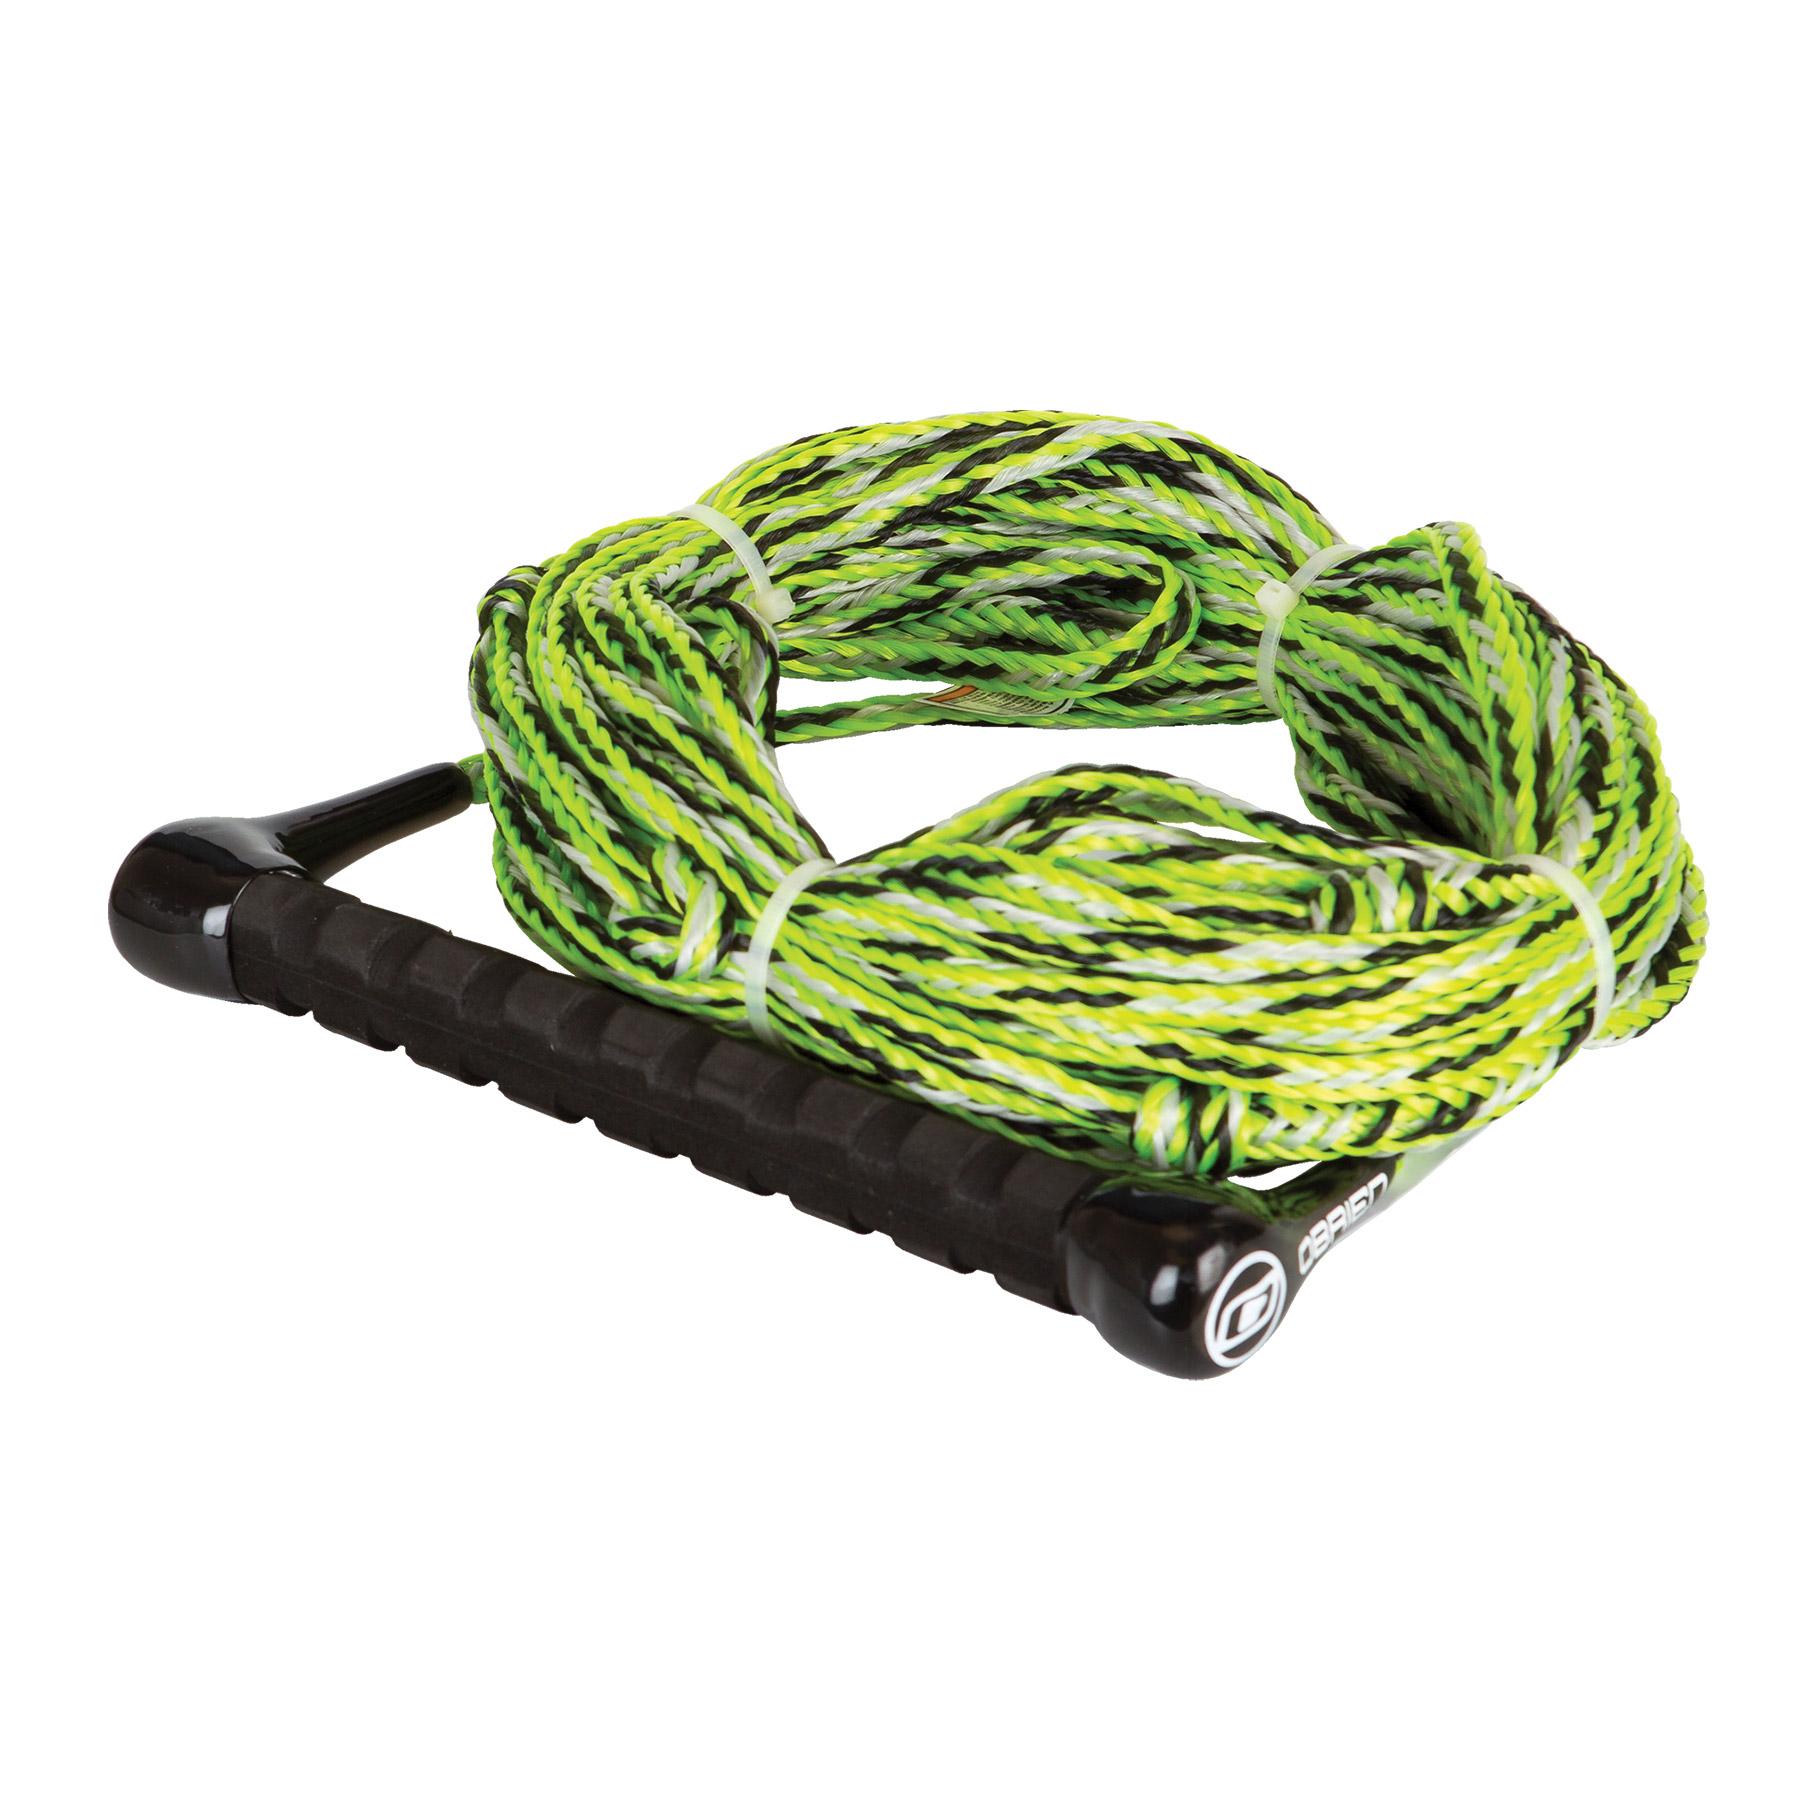 Ūdensslēpošanas un veikborda virve ar rokturi